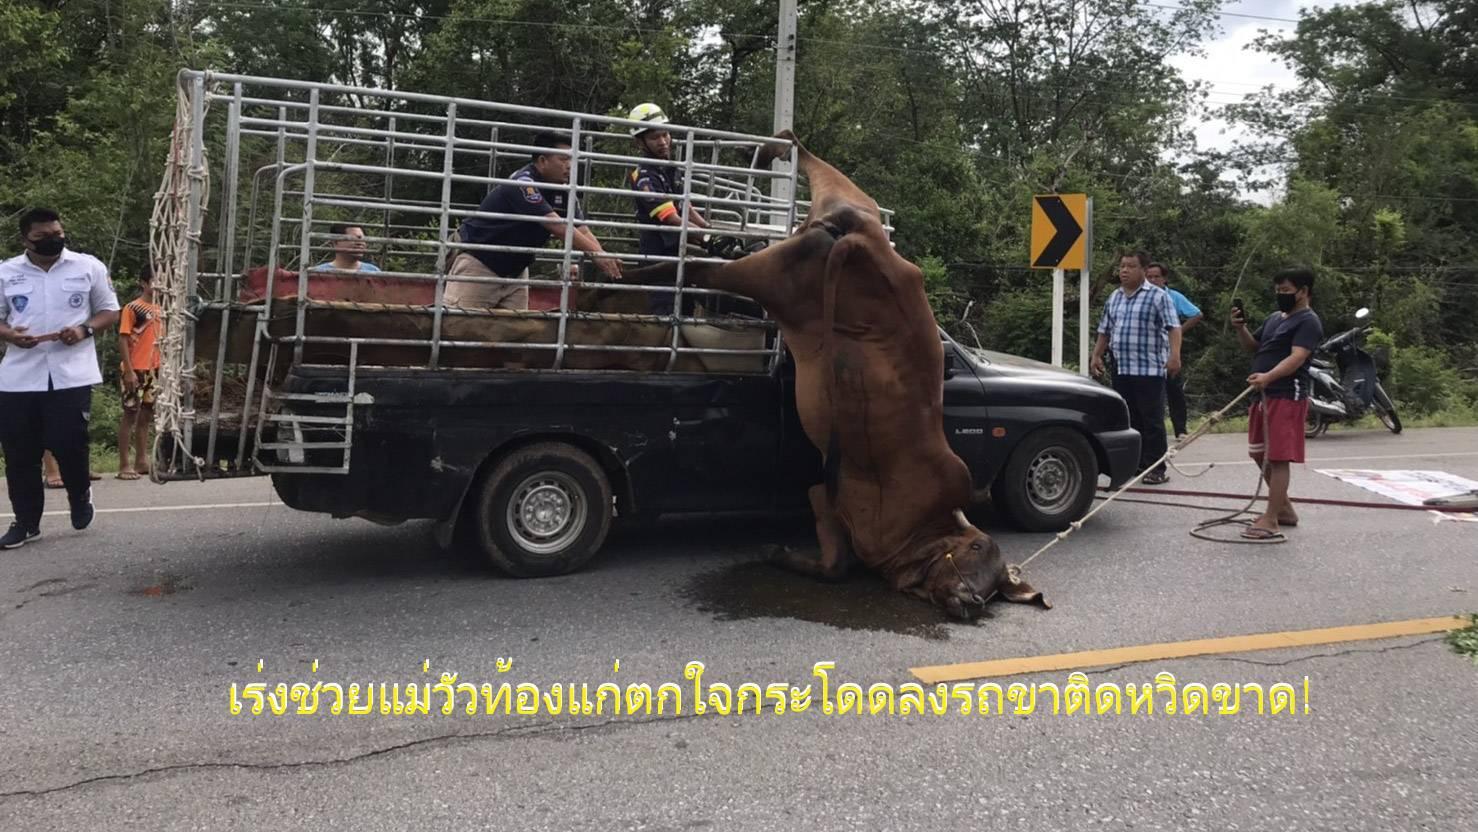 เร่งช่วยวุ่นกลางถนนแม่วัวท้องแก่ตกใจกระโดดลงรถ ขาติดห้อยกรงเหล็กหวิดขาด (คลิป)